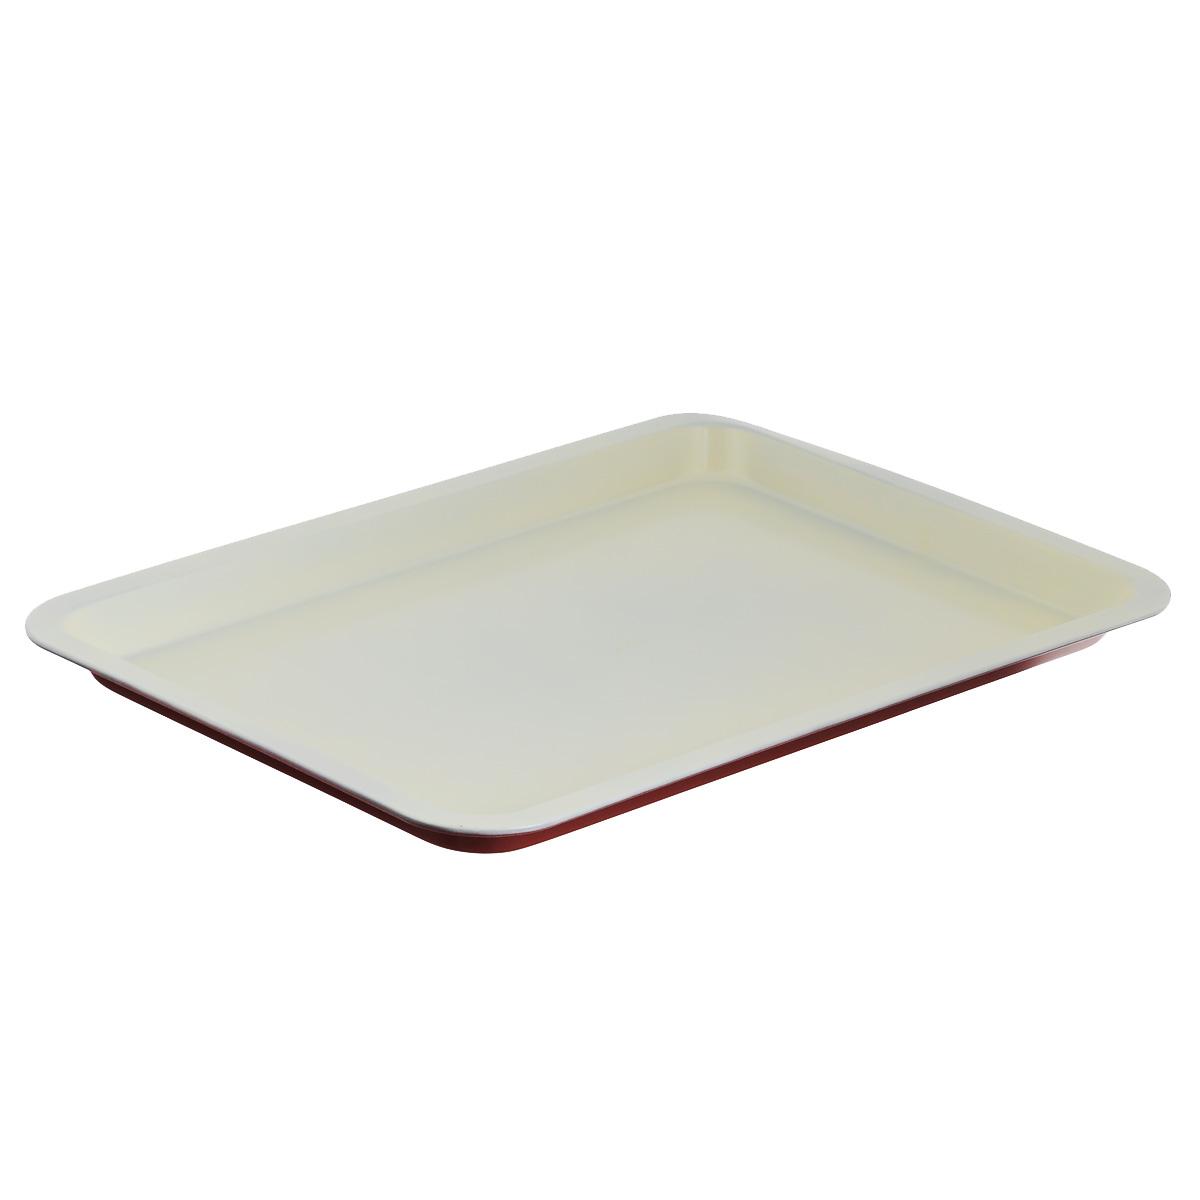 Противень Bekker, с керамическим покрытием, прямоугольный, цвет: красный, белый, 46,5 х 32,5 смBK-3973Прямоугольный противень Bekker изготовлен из углеродистой стали с антипригарным керамическим покрытием Pfluon, благодаря чему пища не пригорает и не прилипает к стенкам посуды. Снаружи противня цветноежаропрочное покрытие. Кроме того, готовить можно с добавлением минимального количества масла и жиров. Антипригарное покрытие также обеспечивает легкость мытья. Стенки ровные.Для чистки нельзя использовать абразивные чистящие средства и жесткие губки. Подходит для использования в духовом шкафу. Нельзя мыть в посудомоечной машине.